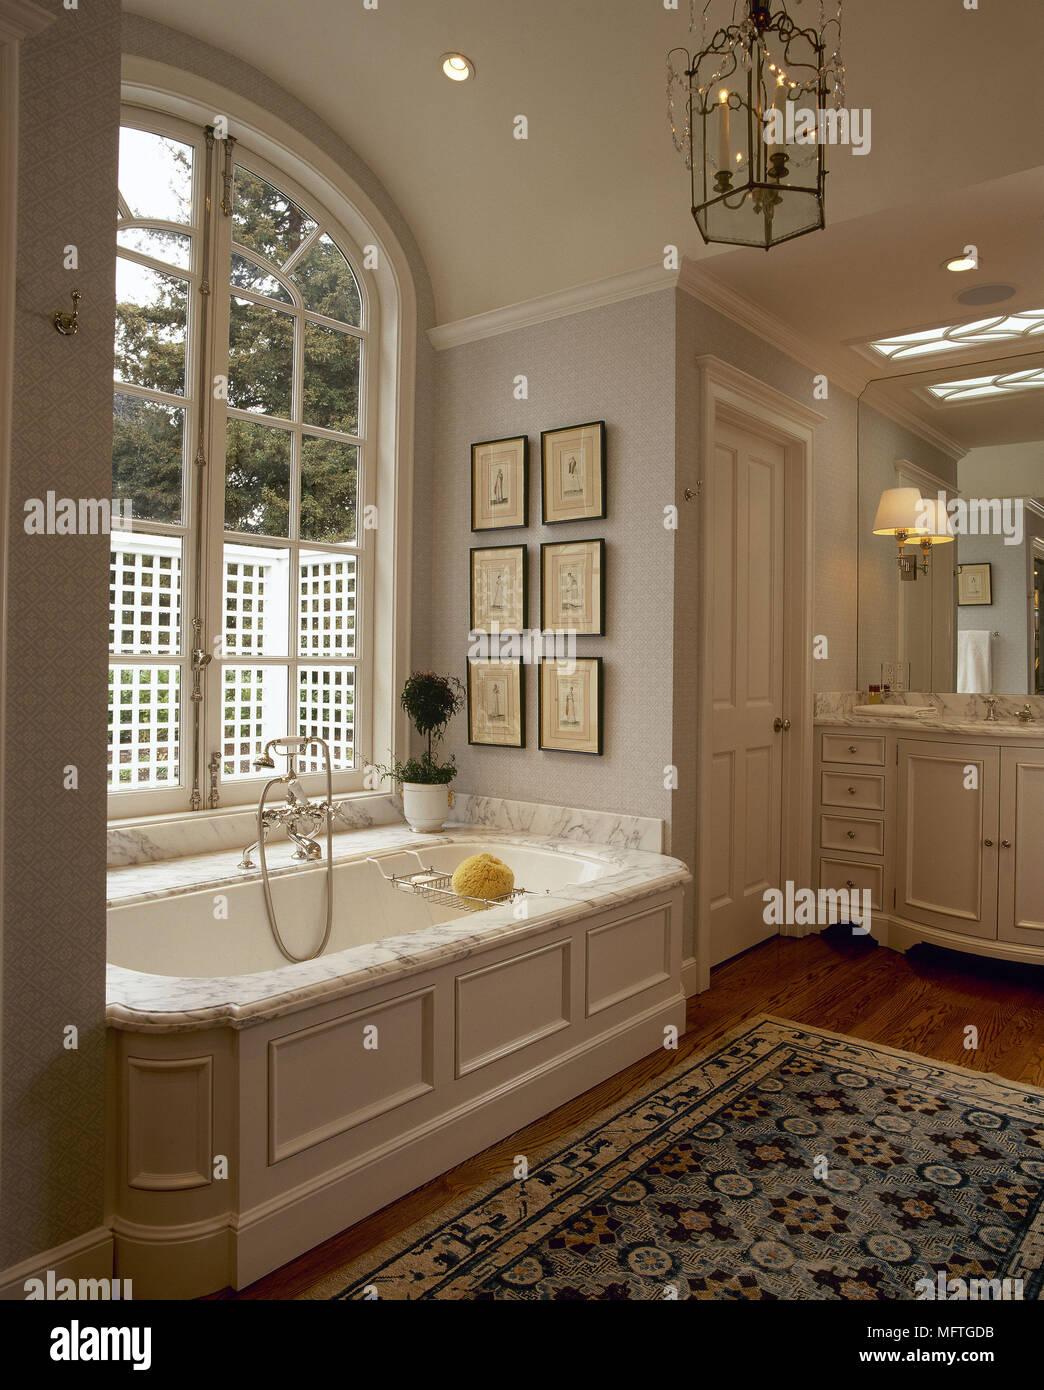 Traditionelle, in neutralen Badezimmer Badewanne aus Marmor surround ...